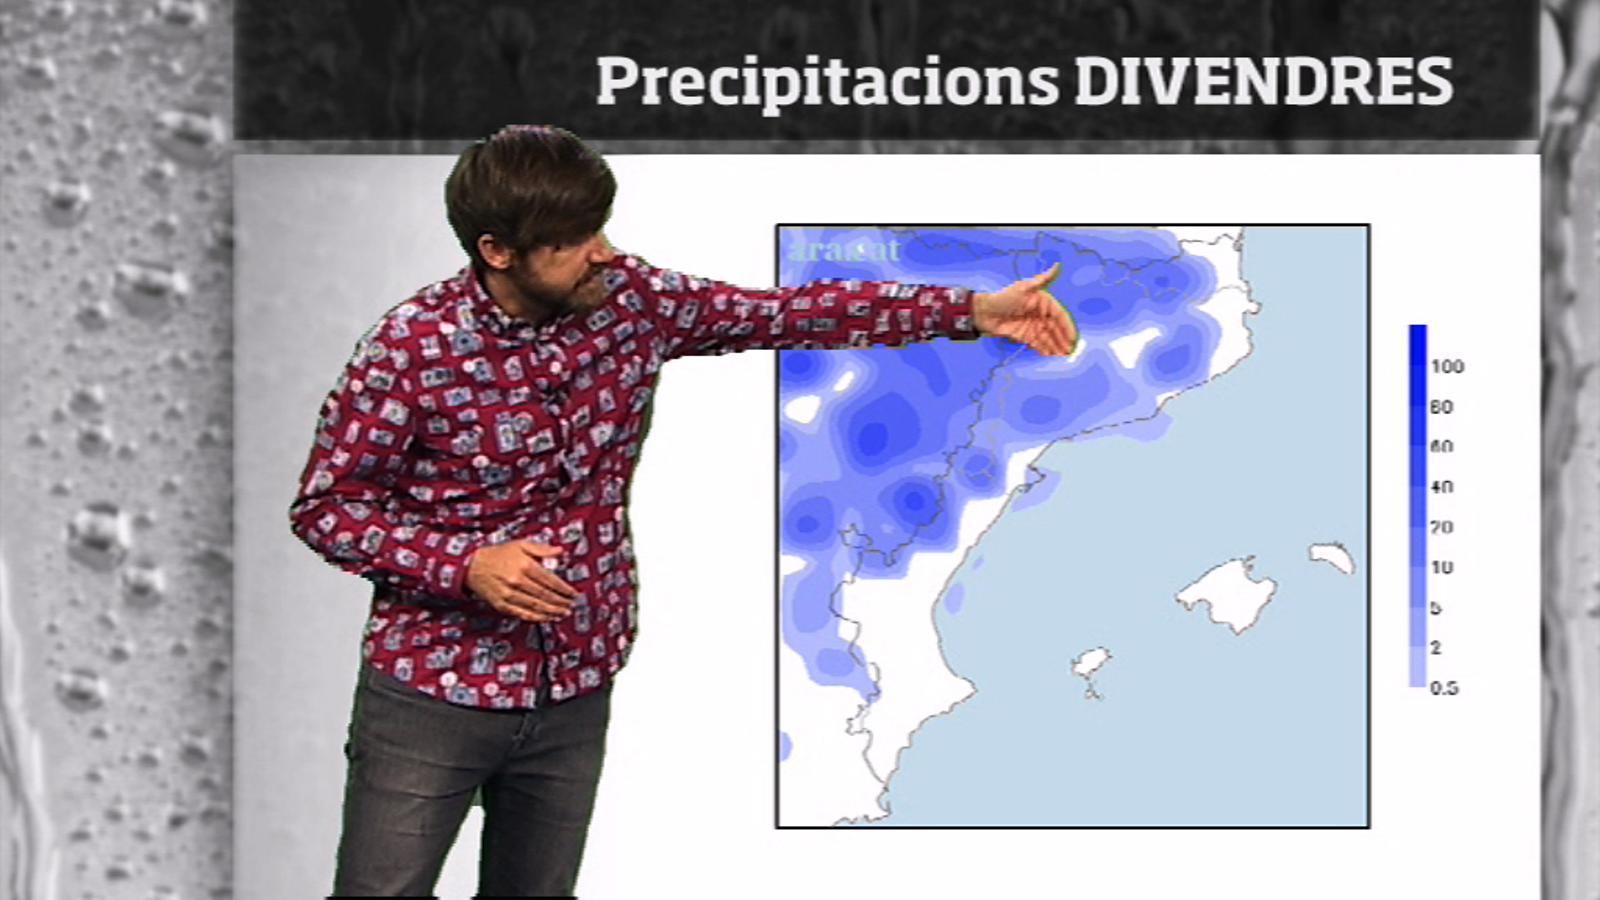 La méteo en 1 minut: divendres variable i amb tempestes